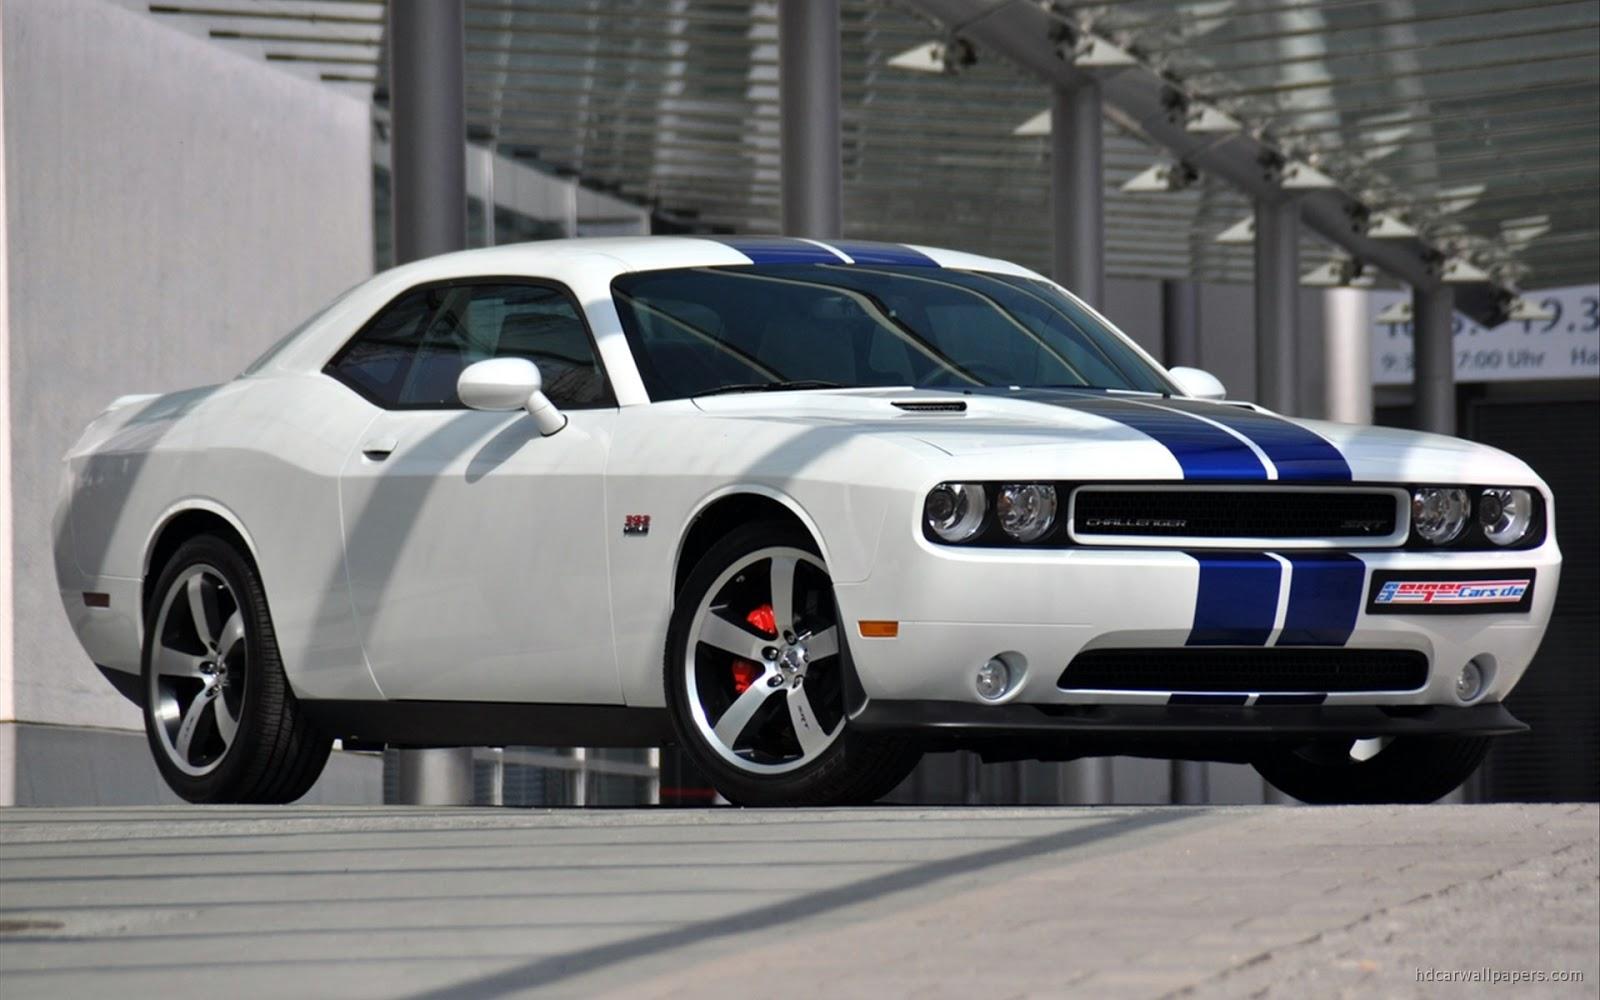 http://4.bp.blogspot.com/-p9-YOf-ggCc/UMSv1vdcv-I/AAAAAAAANSY/RexEhBTCKVM/s1600/2011_dodge_challenger_srt8-wide.jpg